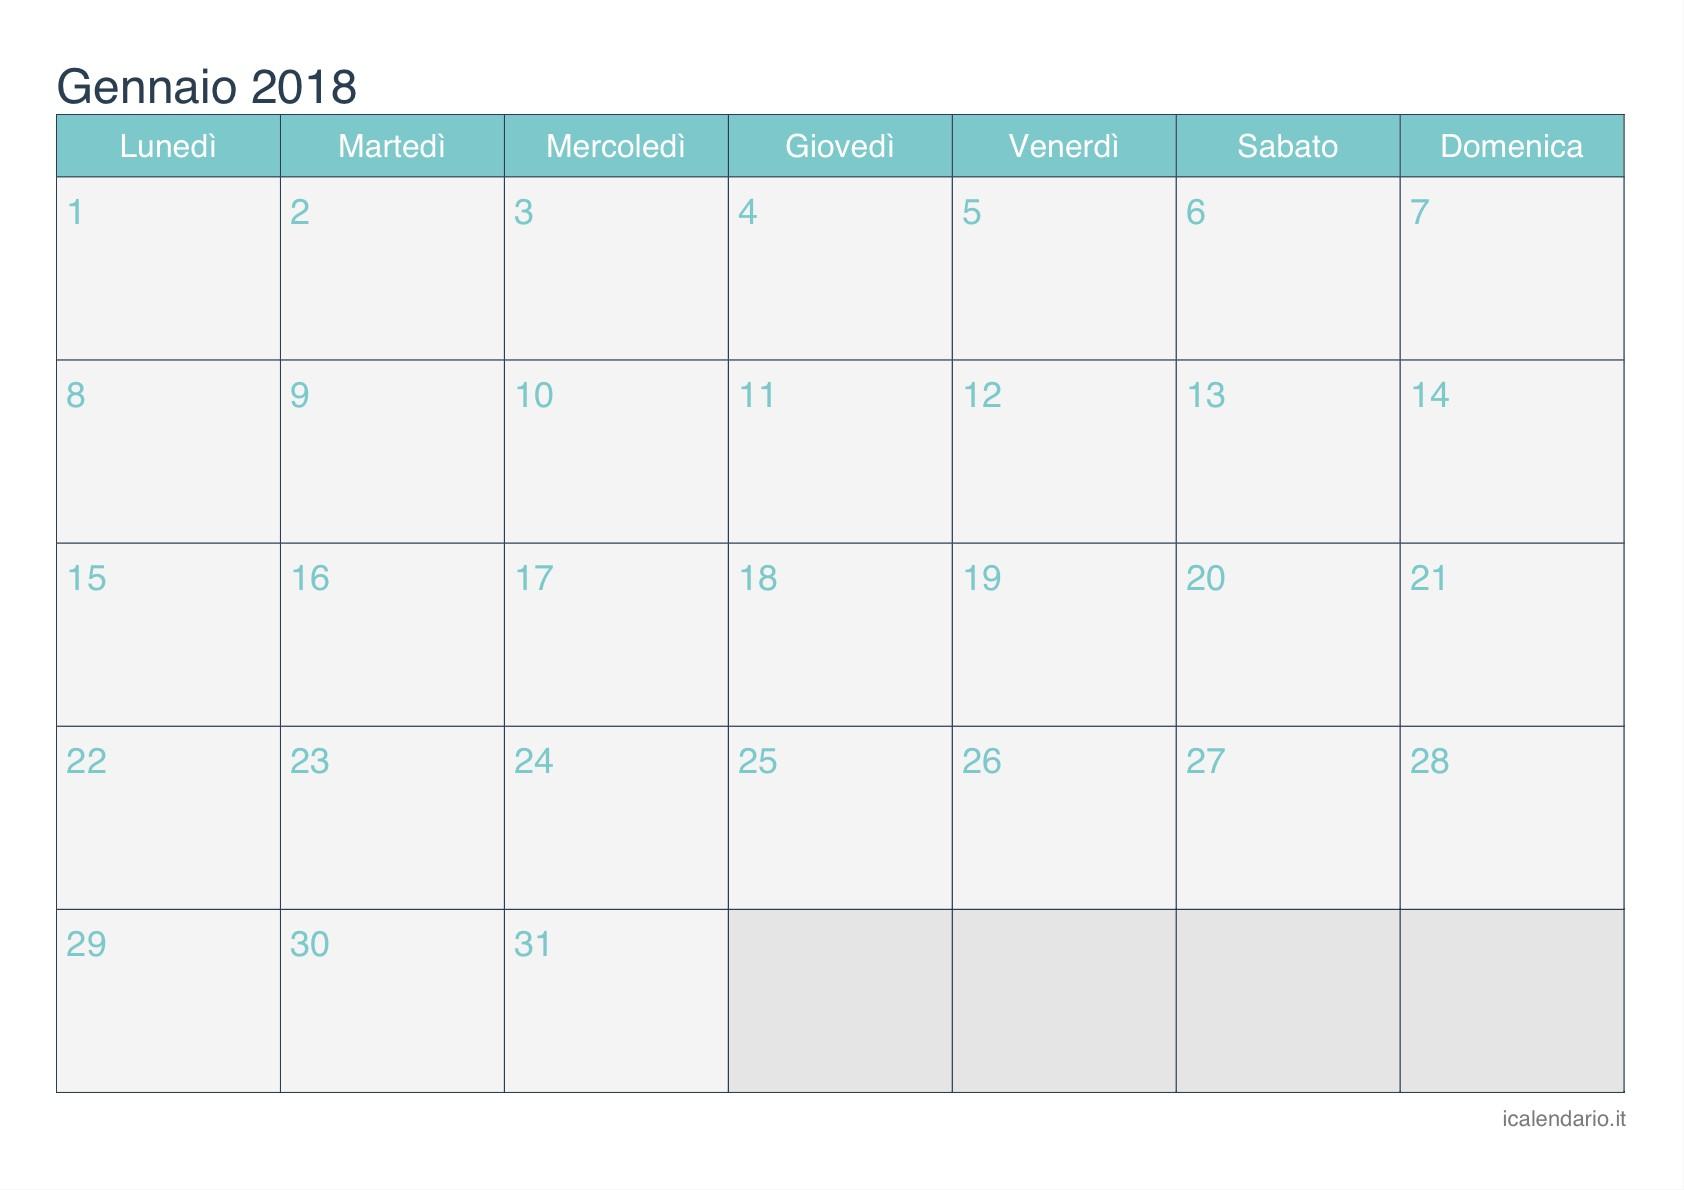 Calendario gennaio 2018 da Calendario mayo 2015 para imprimir iCalendario net